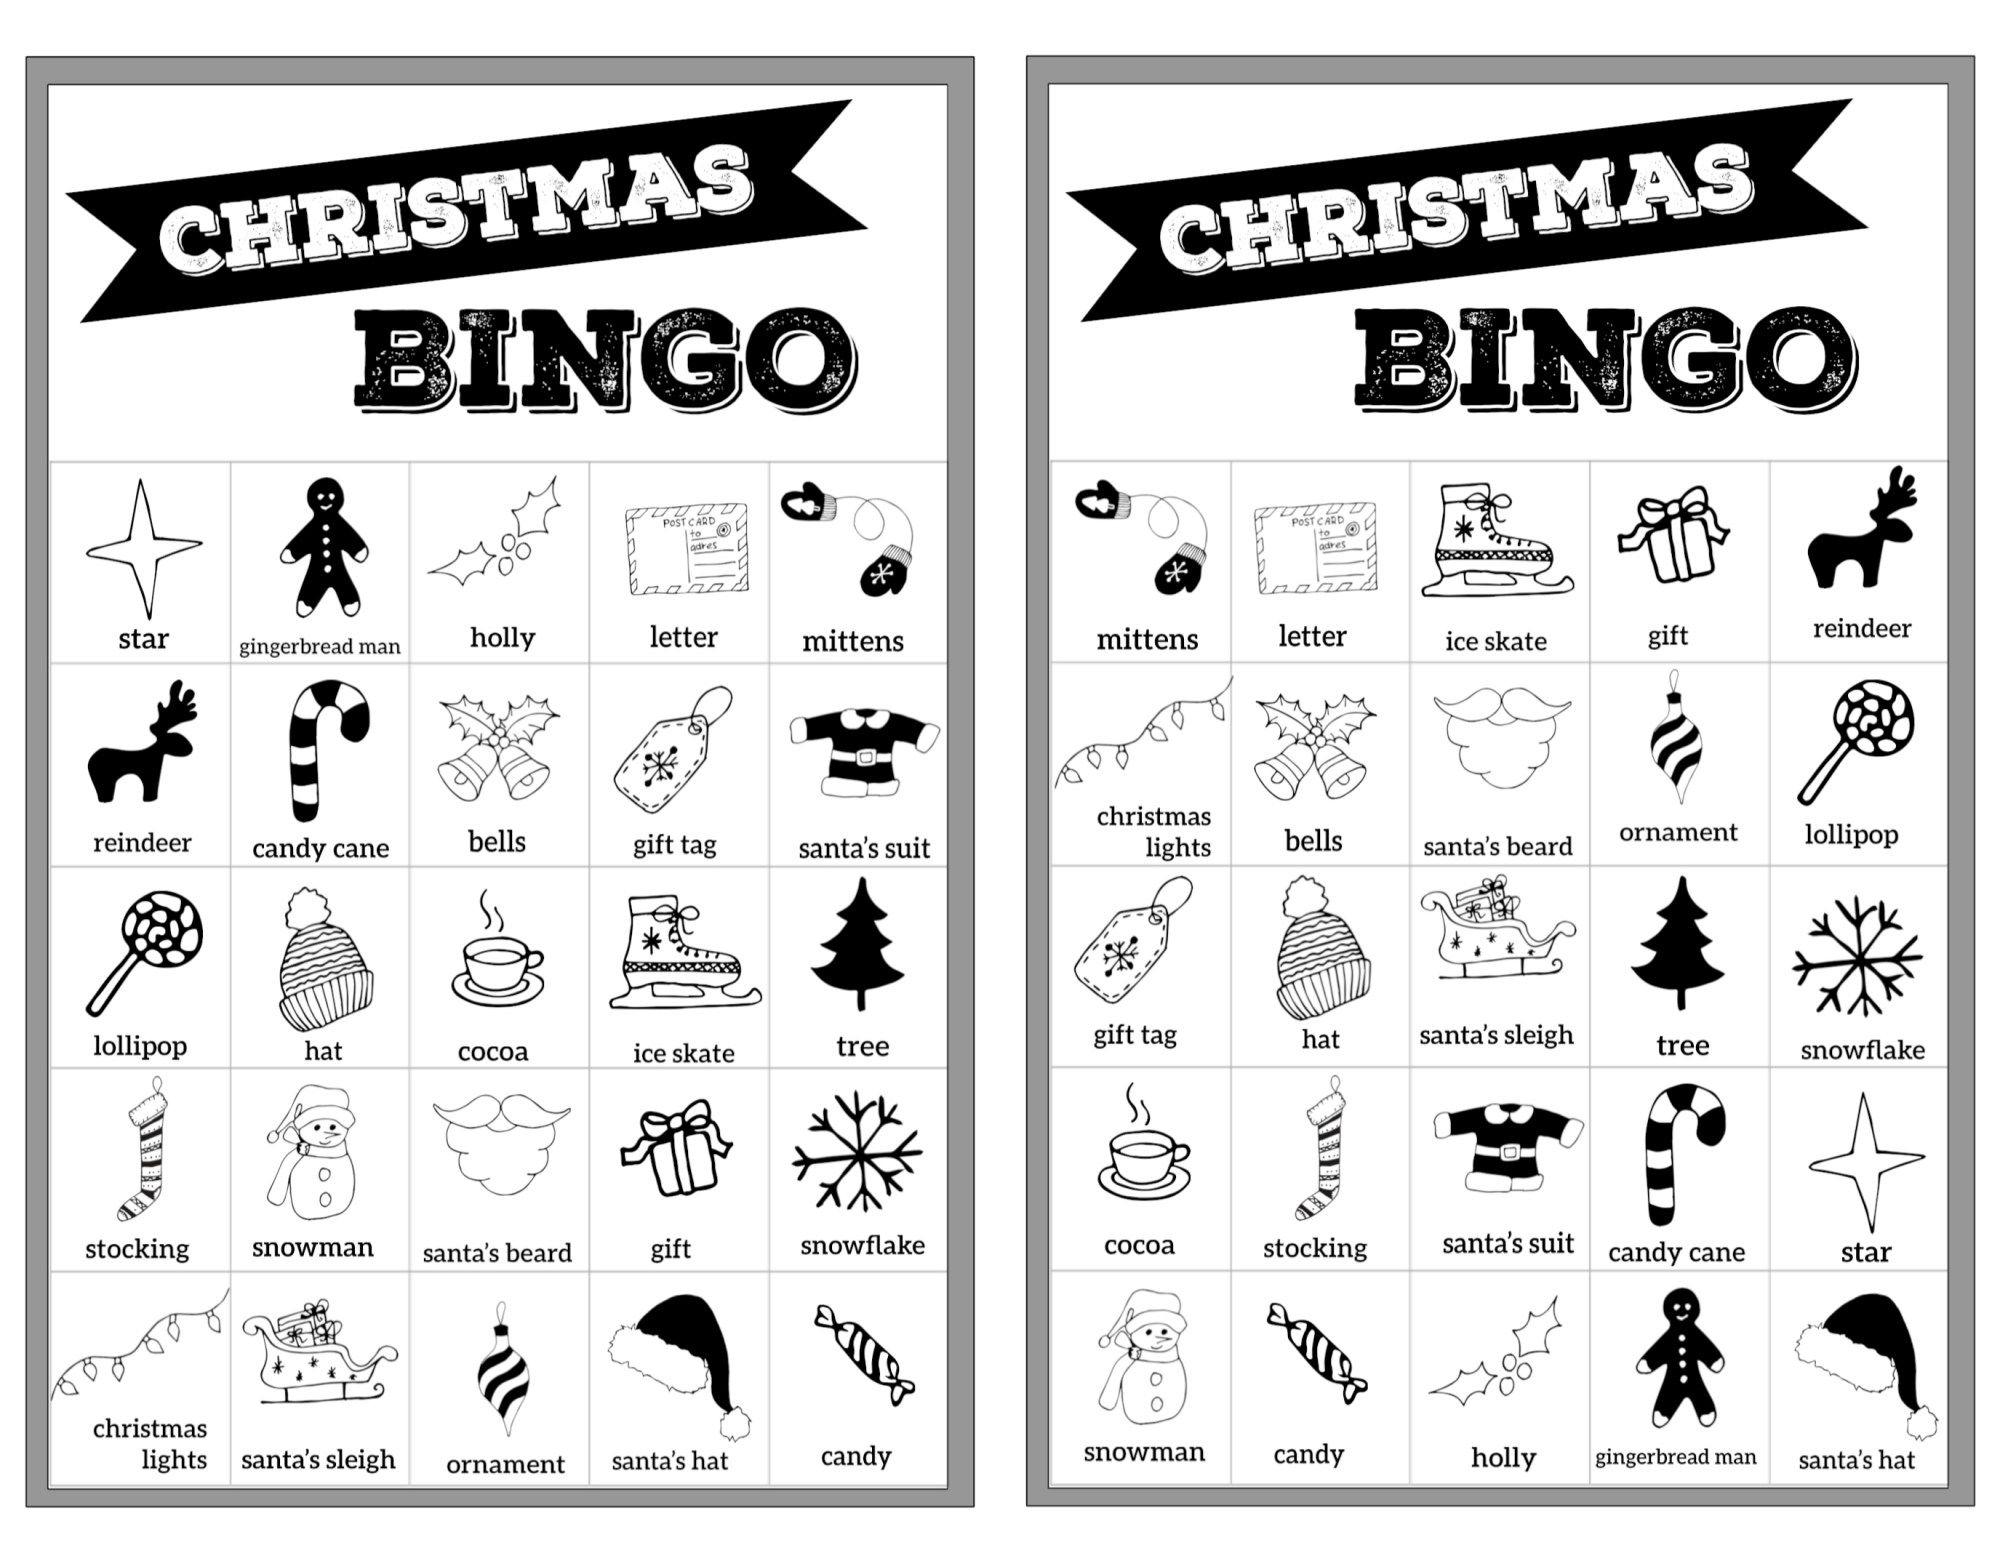 Free Christmas Bingo Printable Cards | Christmas Bingo